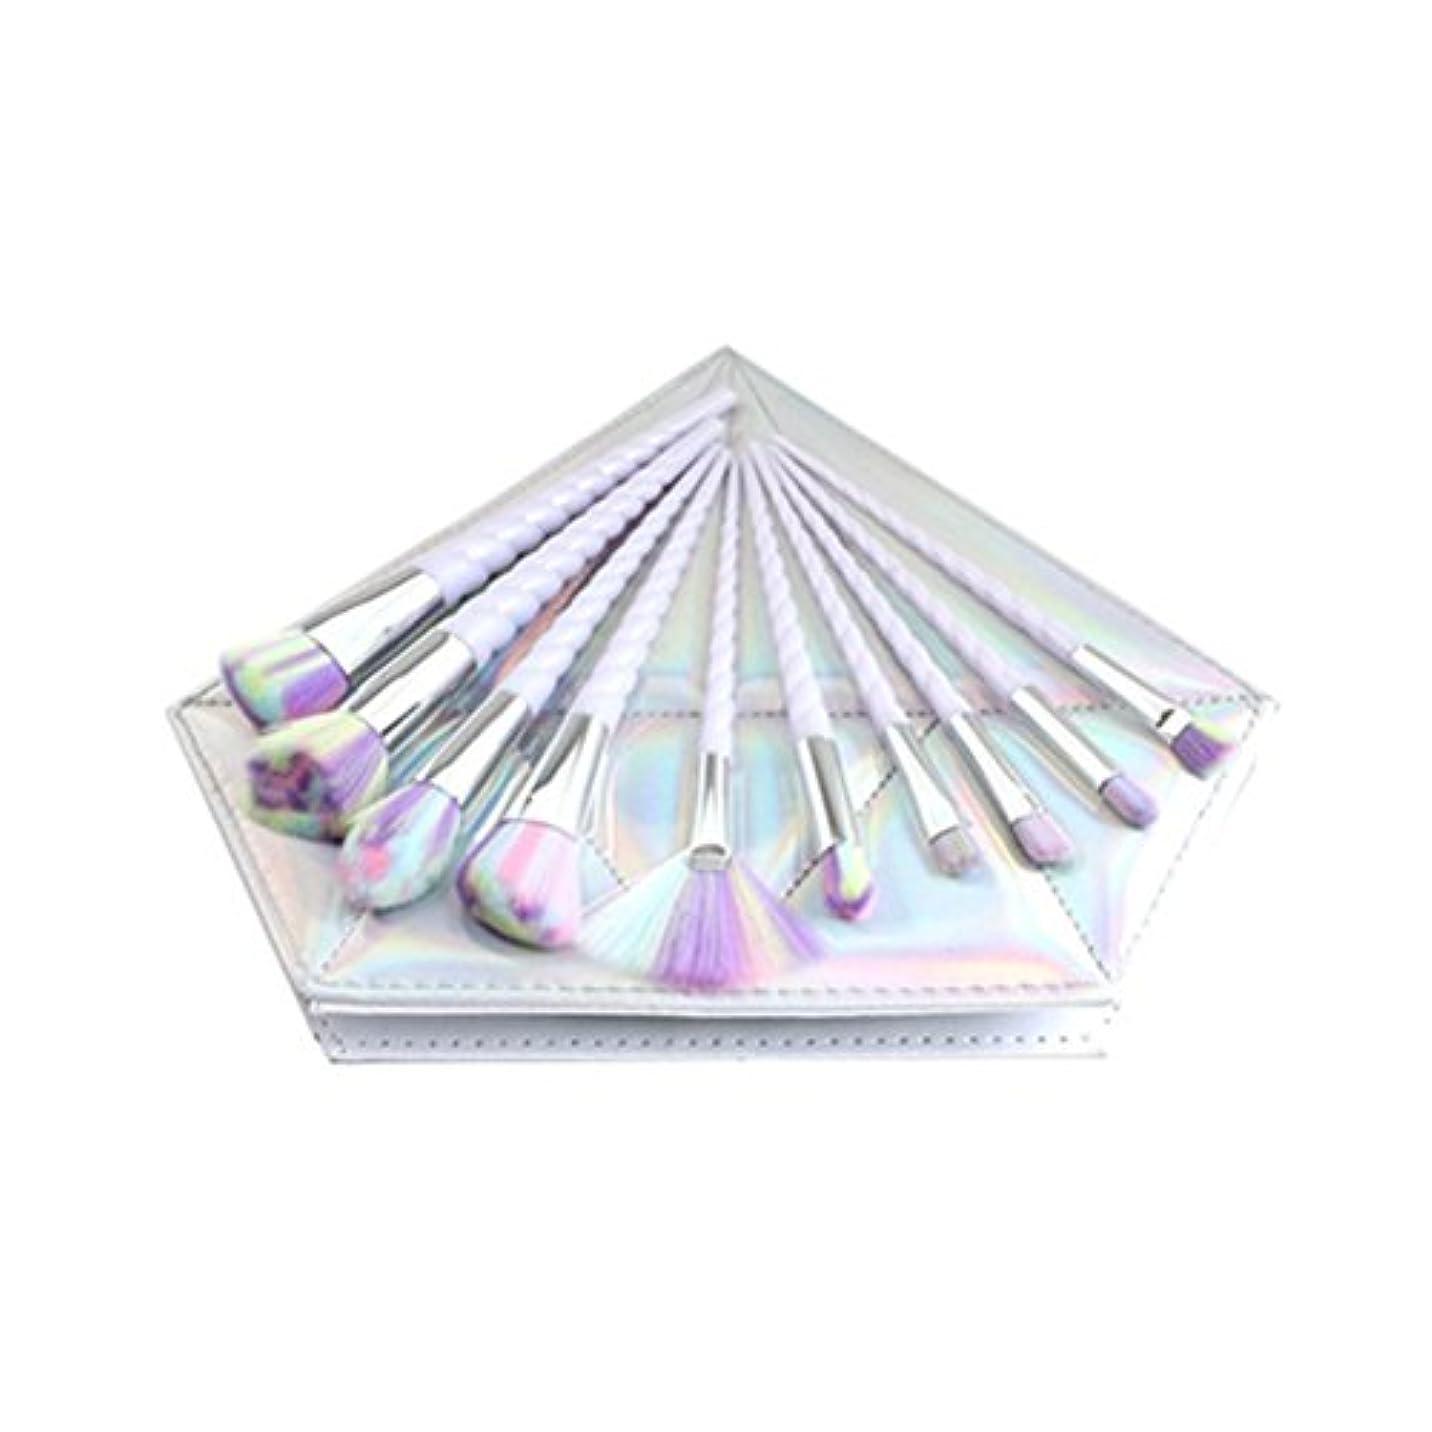 エージェント誠意プログラムDilla Beauty 10本セットユニコーンデザインプラスチックハンドル形状メイクブラシセット合成毛ファンデーションブラシアイシャドーブラッシャー美容ツール美しい化粧品のバッグを送る (白いハンドル - 多色の毛)